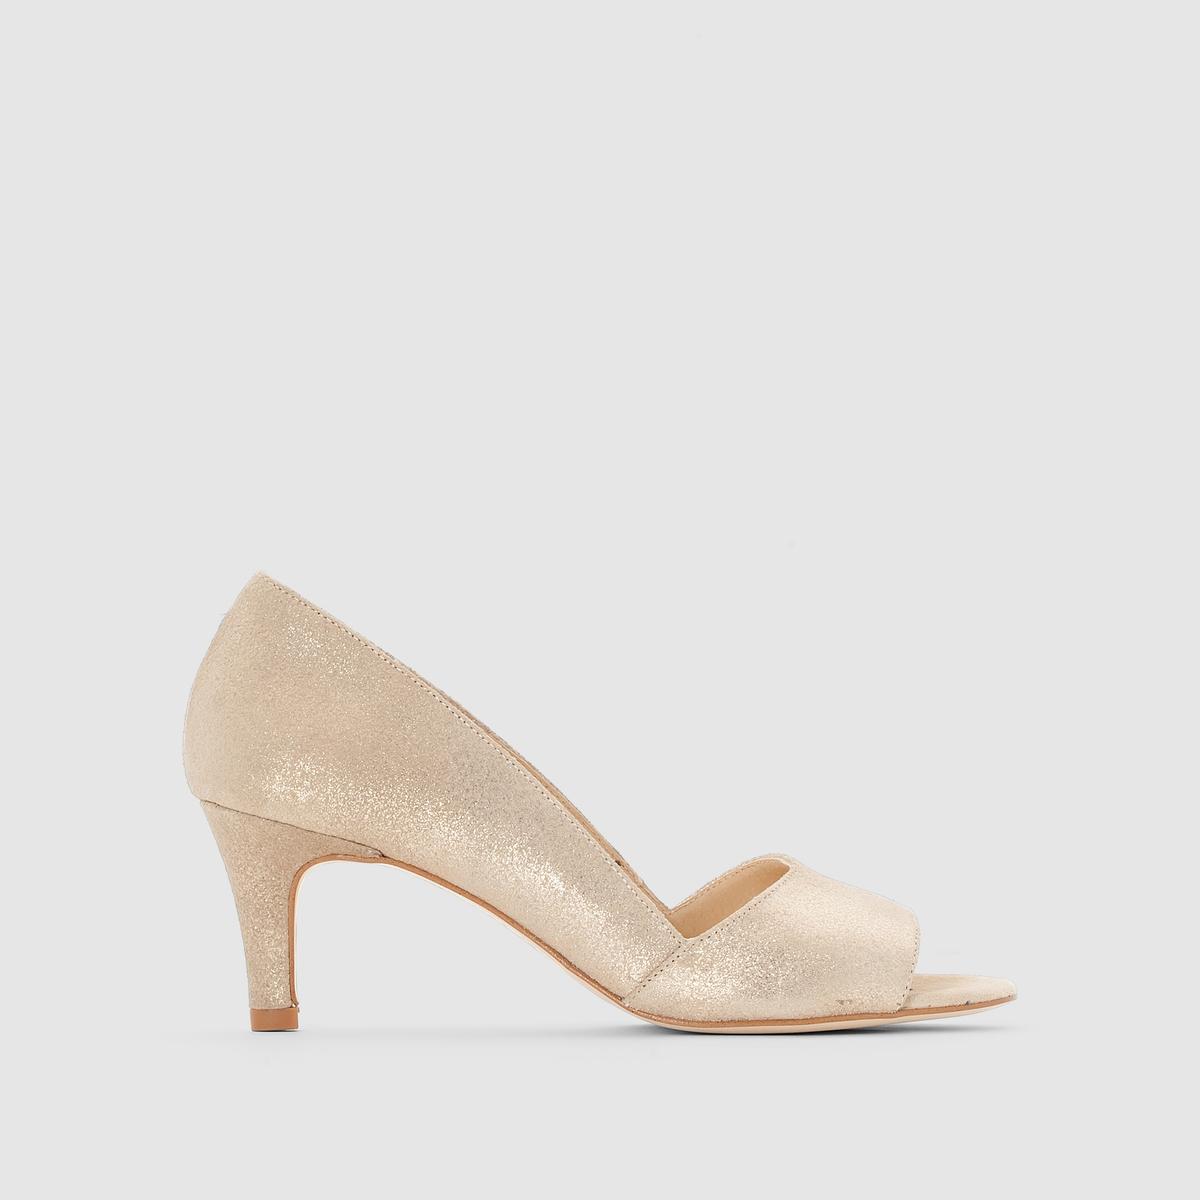 Туфли из ламинированной кожиПреимущества  : туфли на каблуке JONAK пленяют оригинальным внешним видом благодаря аутентичной и мягкой ламинированной коже<br><br>Цвет: Платиновый<br>Размер: 39.38